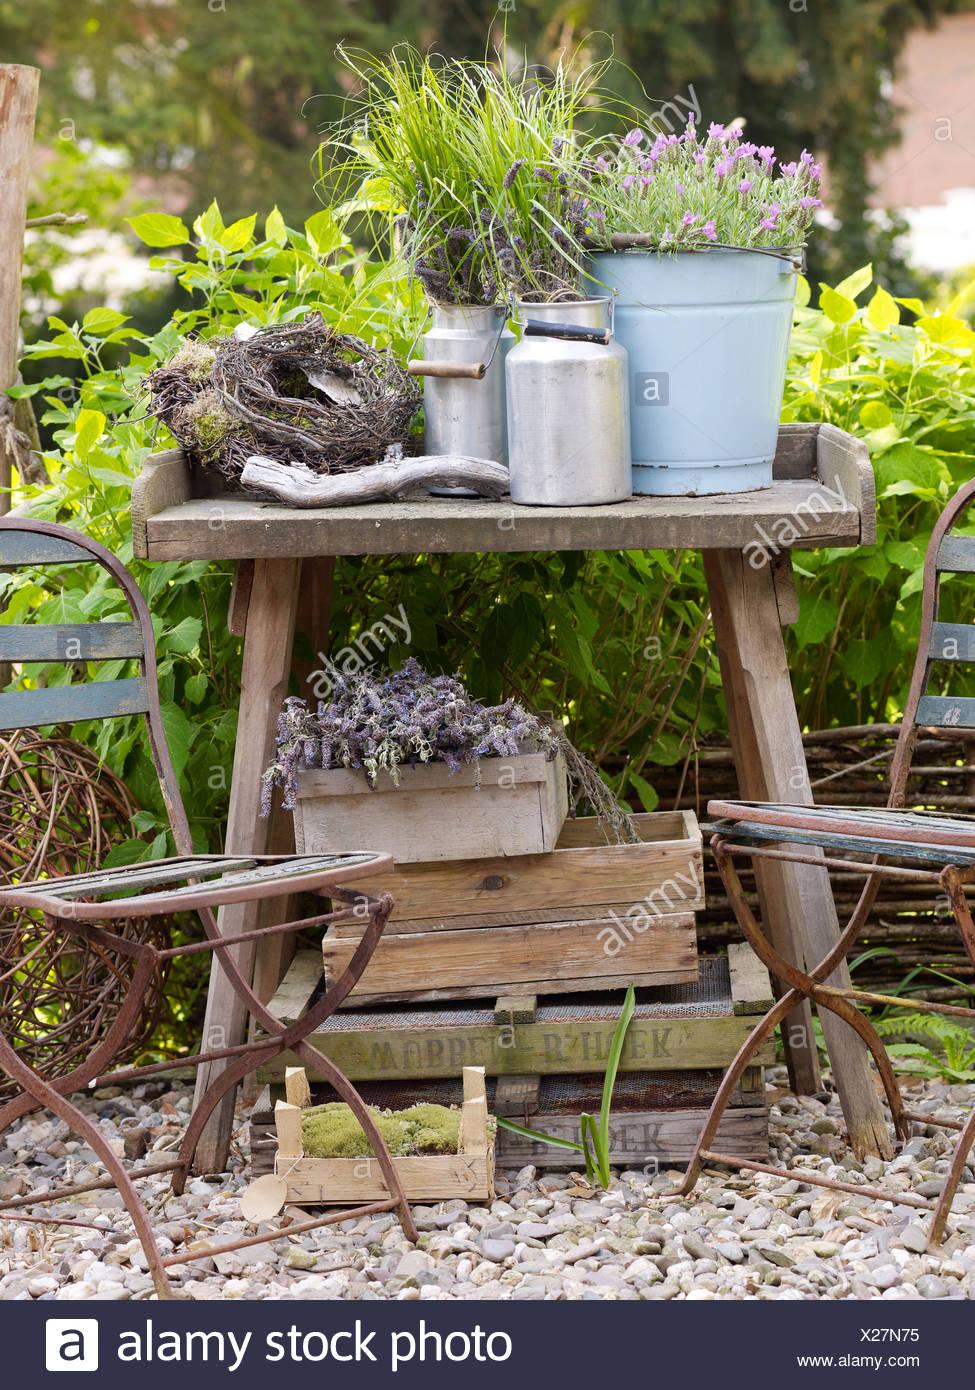 Stilleben, dekoratives Gartenzubehör Metall Krüge auf einem alten